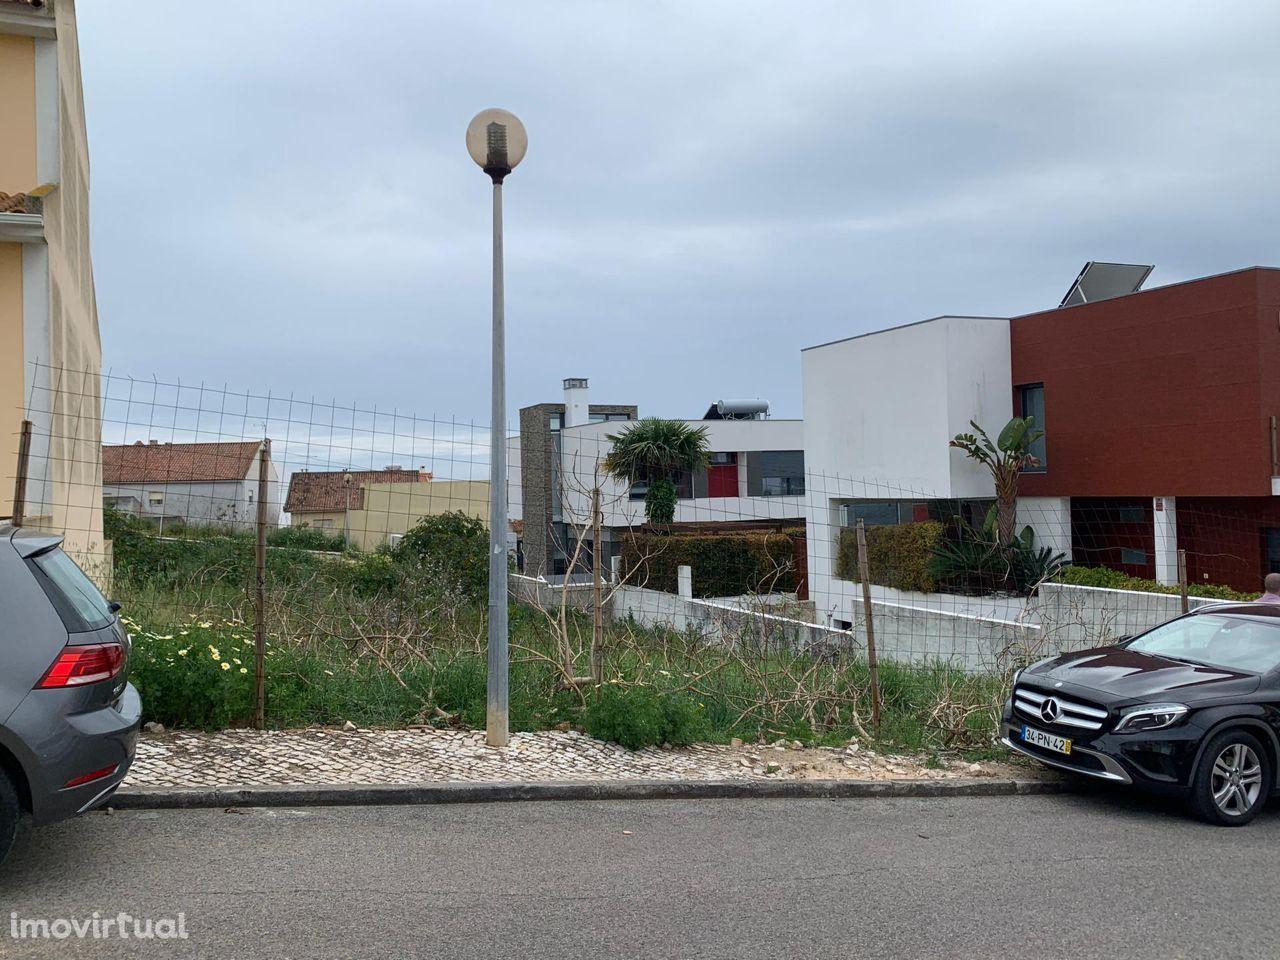 Venda de Terreno de em zona de Moradias, Carcavelos, Parede